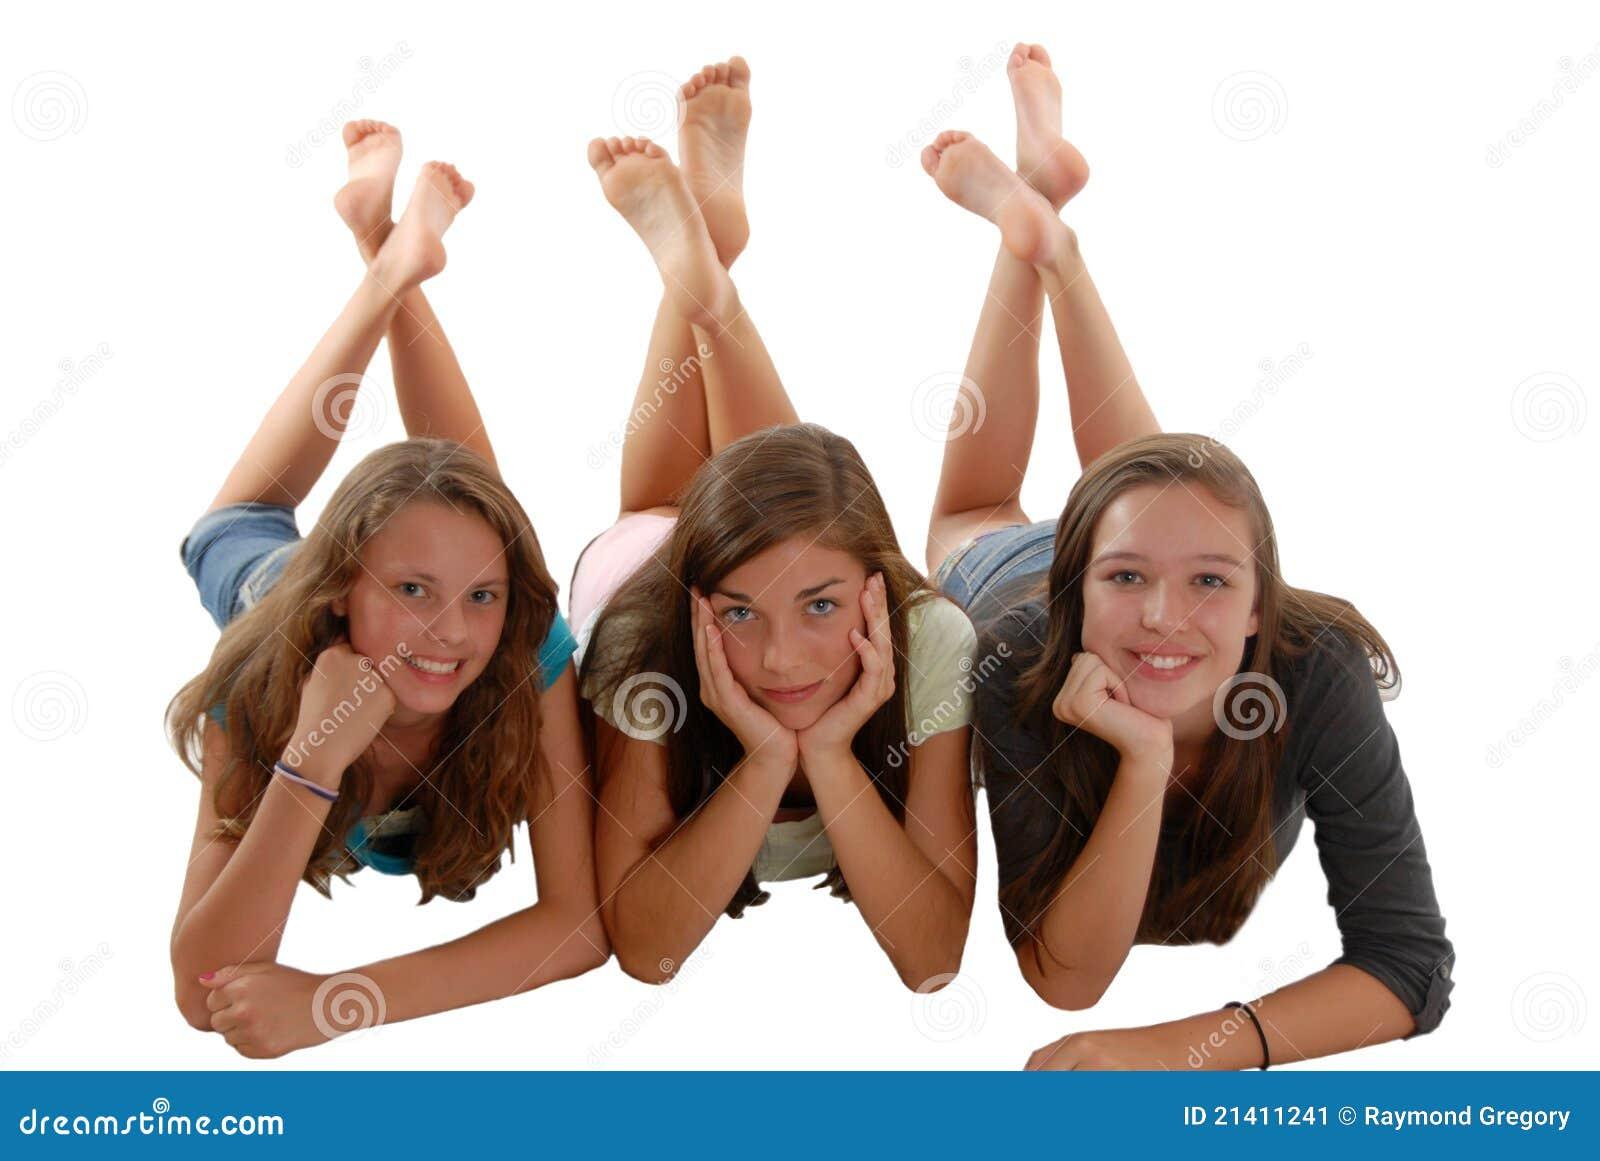 Фото ног подростков 10 фотография